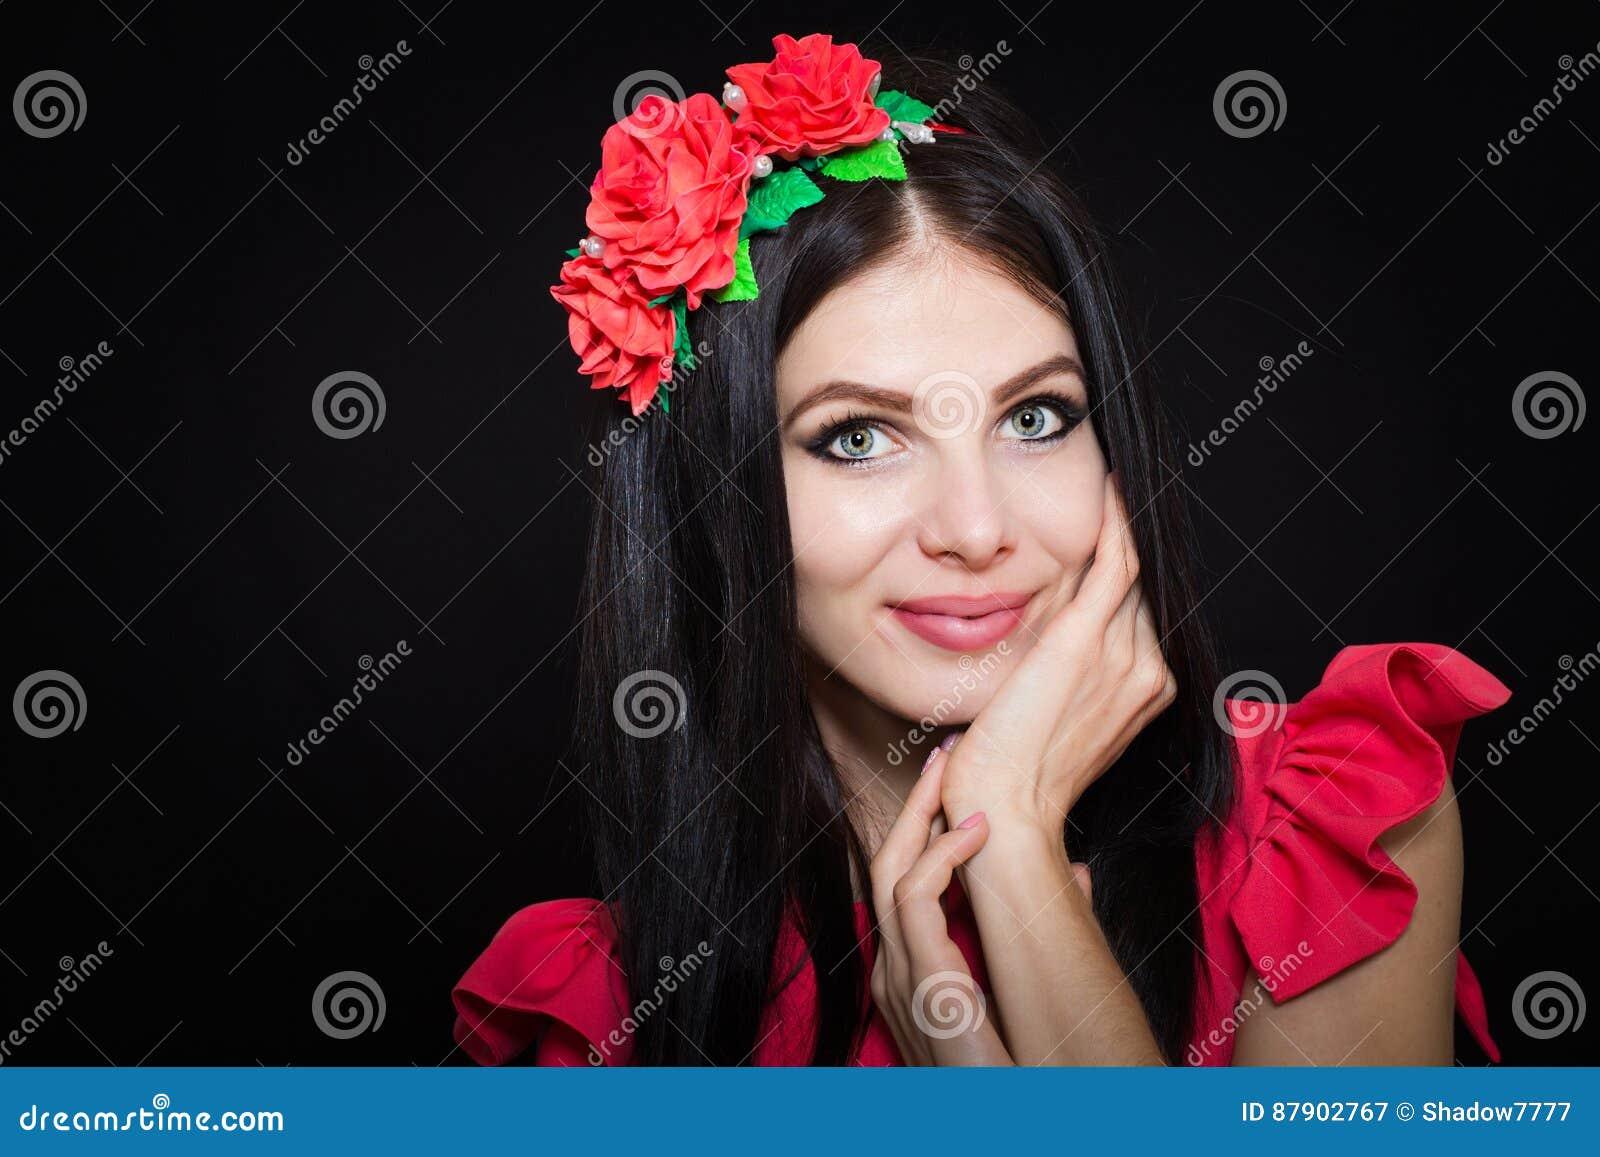 Femme Avec De Longs Cheveux Noirs Et Guirlande Avec Les Fleurs